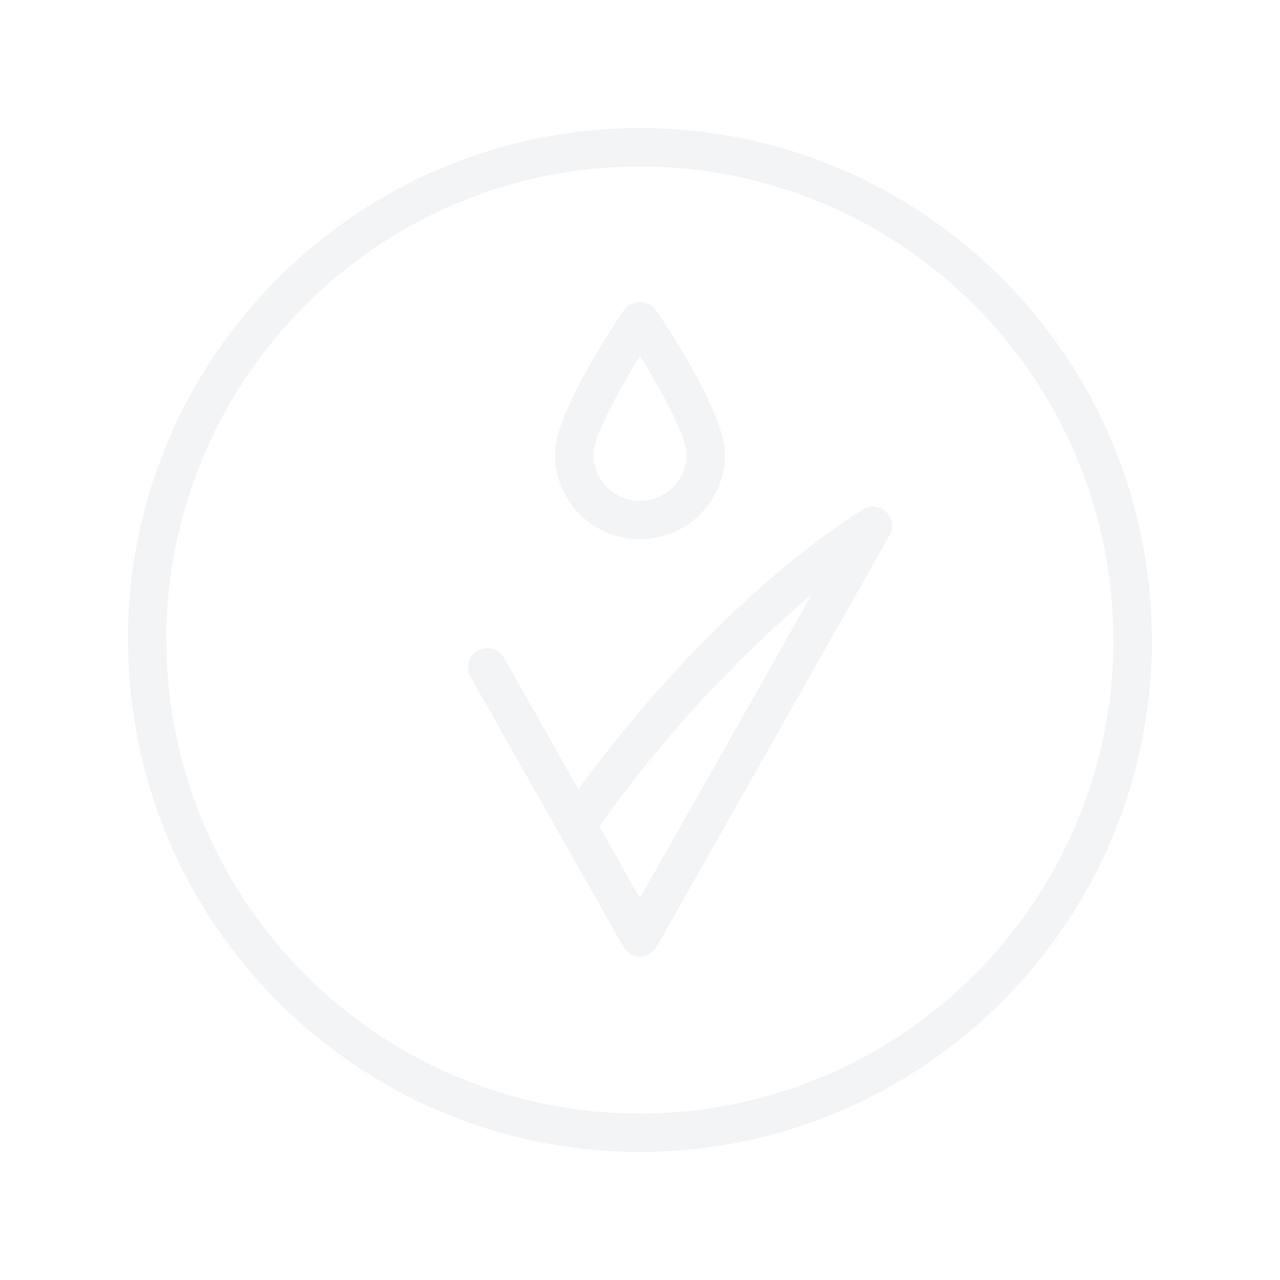 Calvin Klein CK Be EDT 200ml